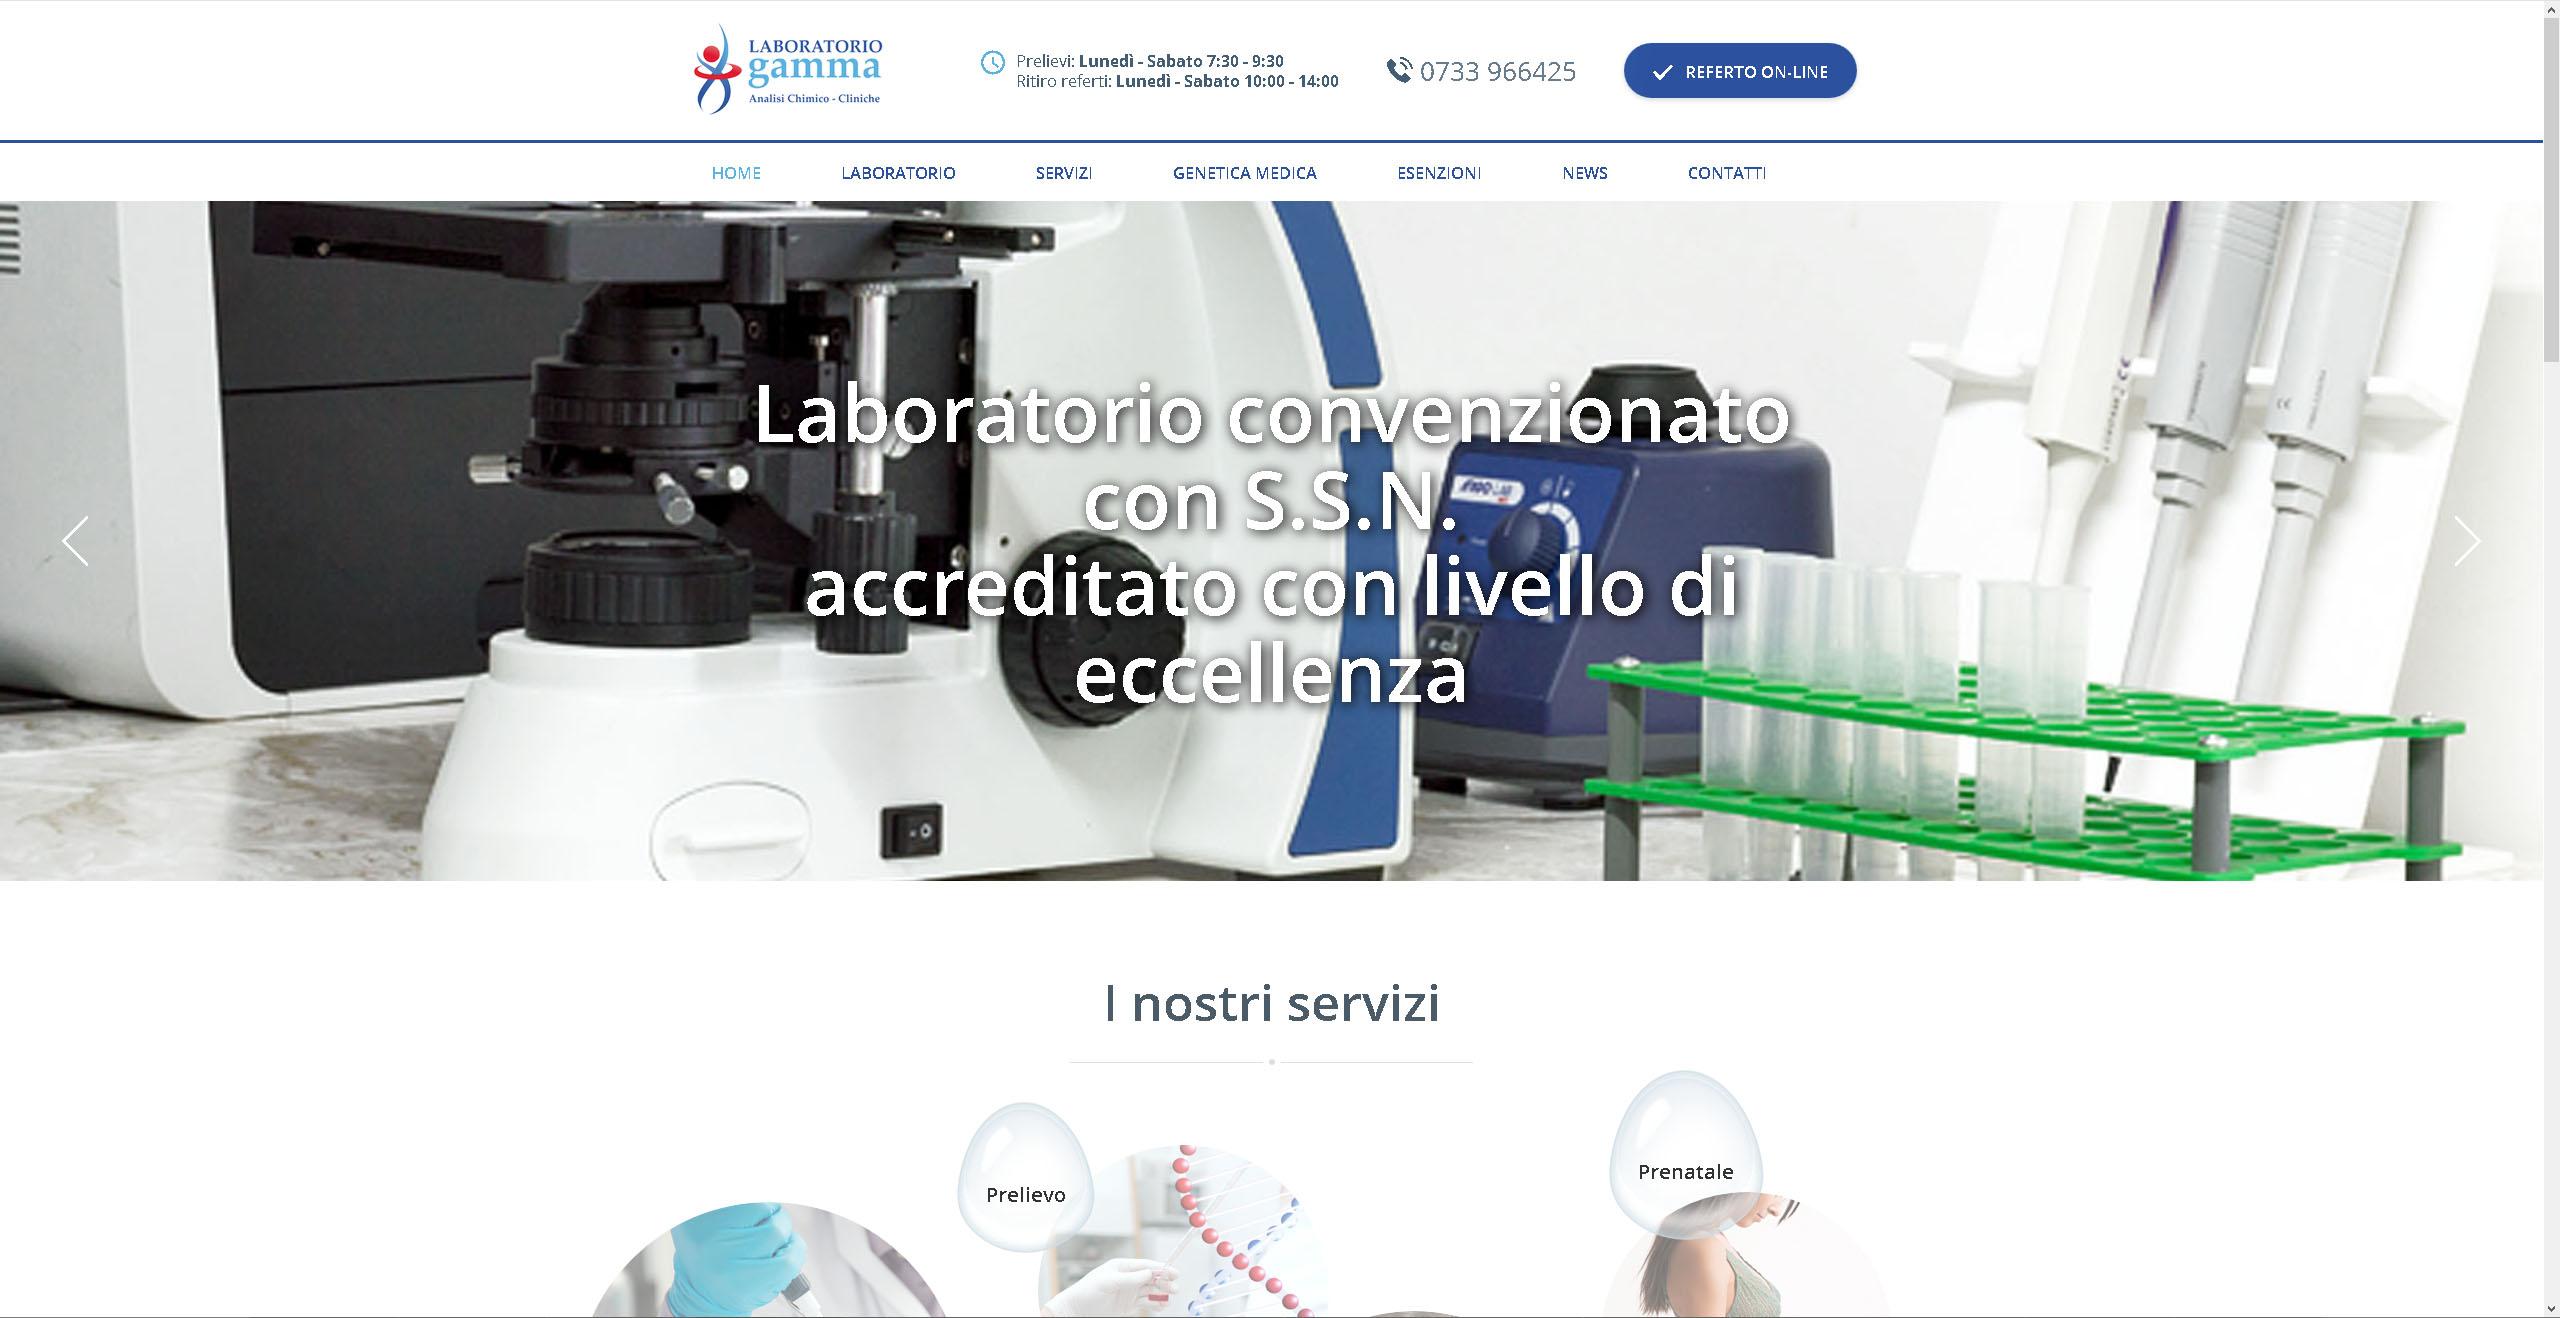 Siamo Online con il nuovo sito web laboratoriogamma.info